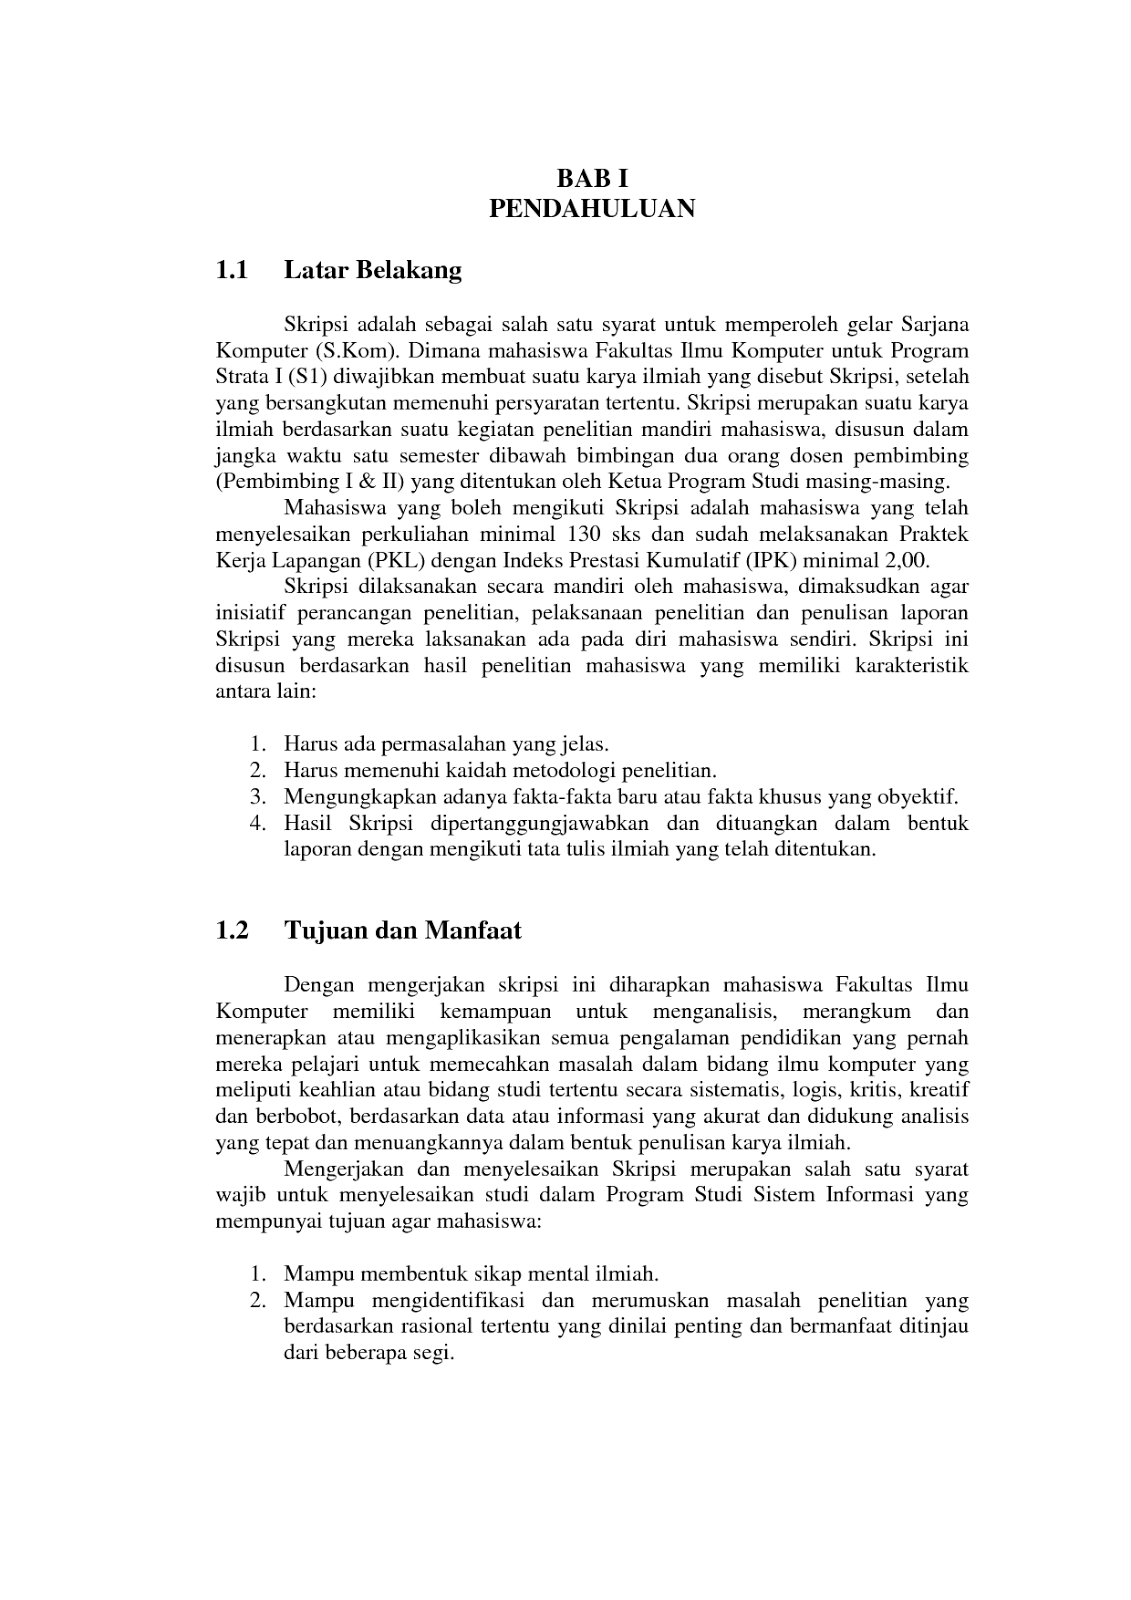 Contoh Proposal Manajemen Keuangan Contoh Hu Cuitan Dokter